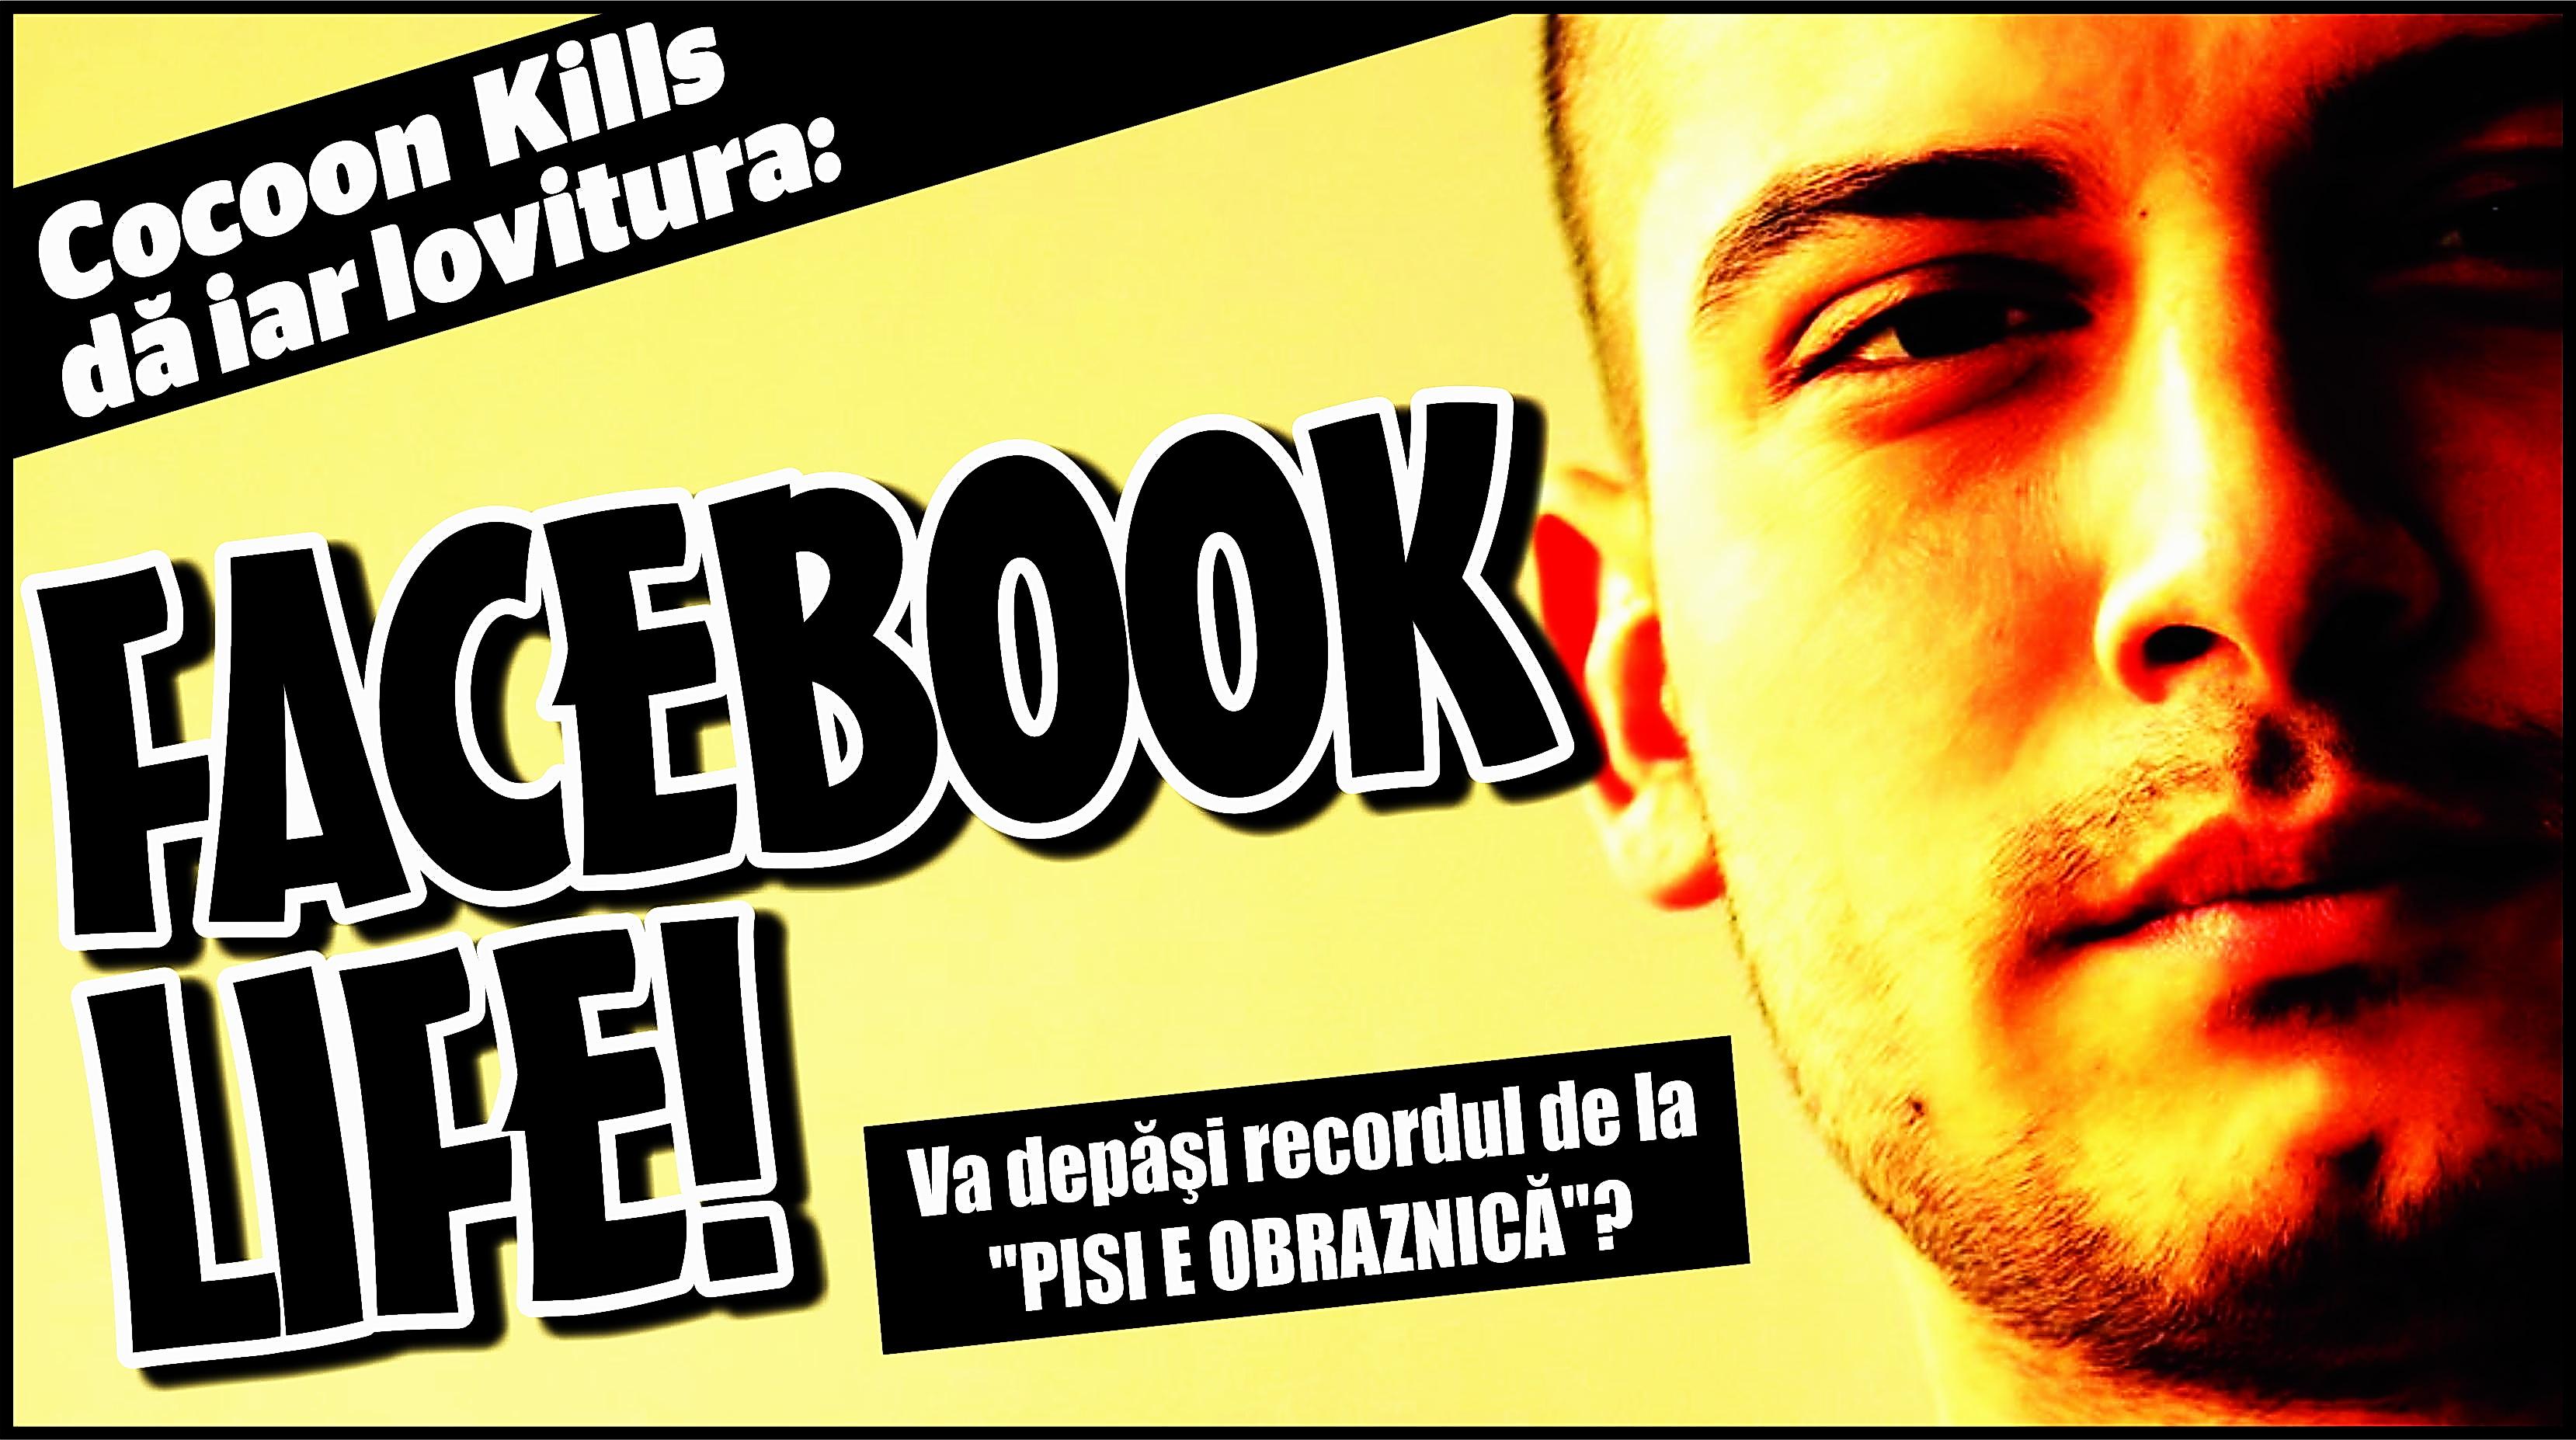 cop cocoon kills facebook life pisi selfie2